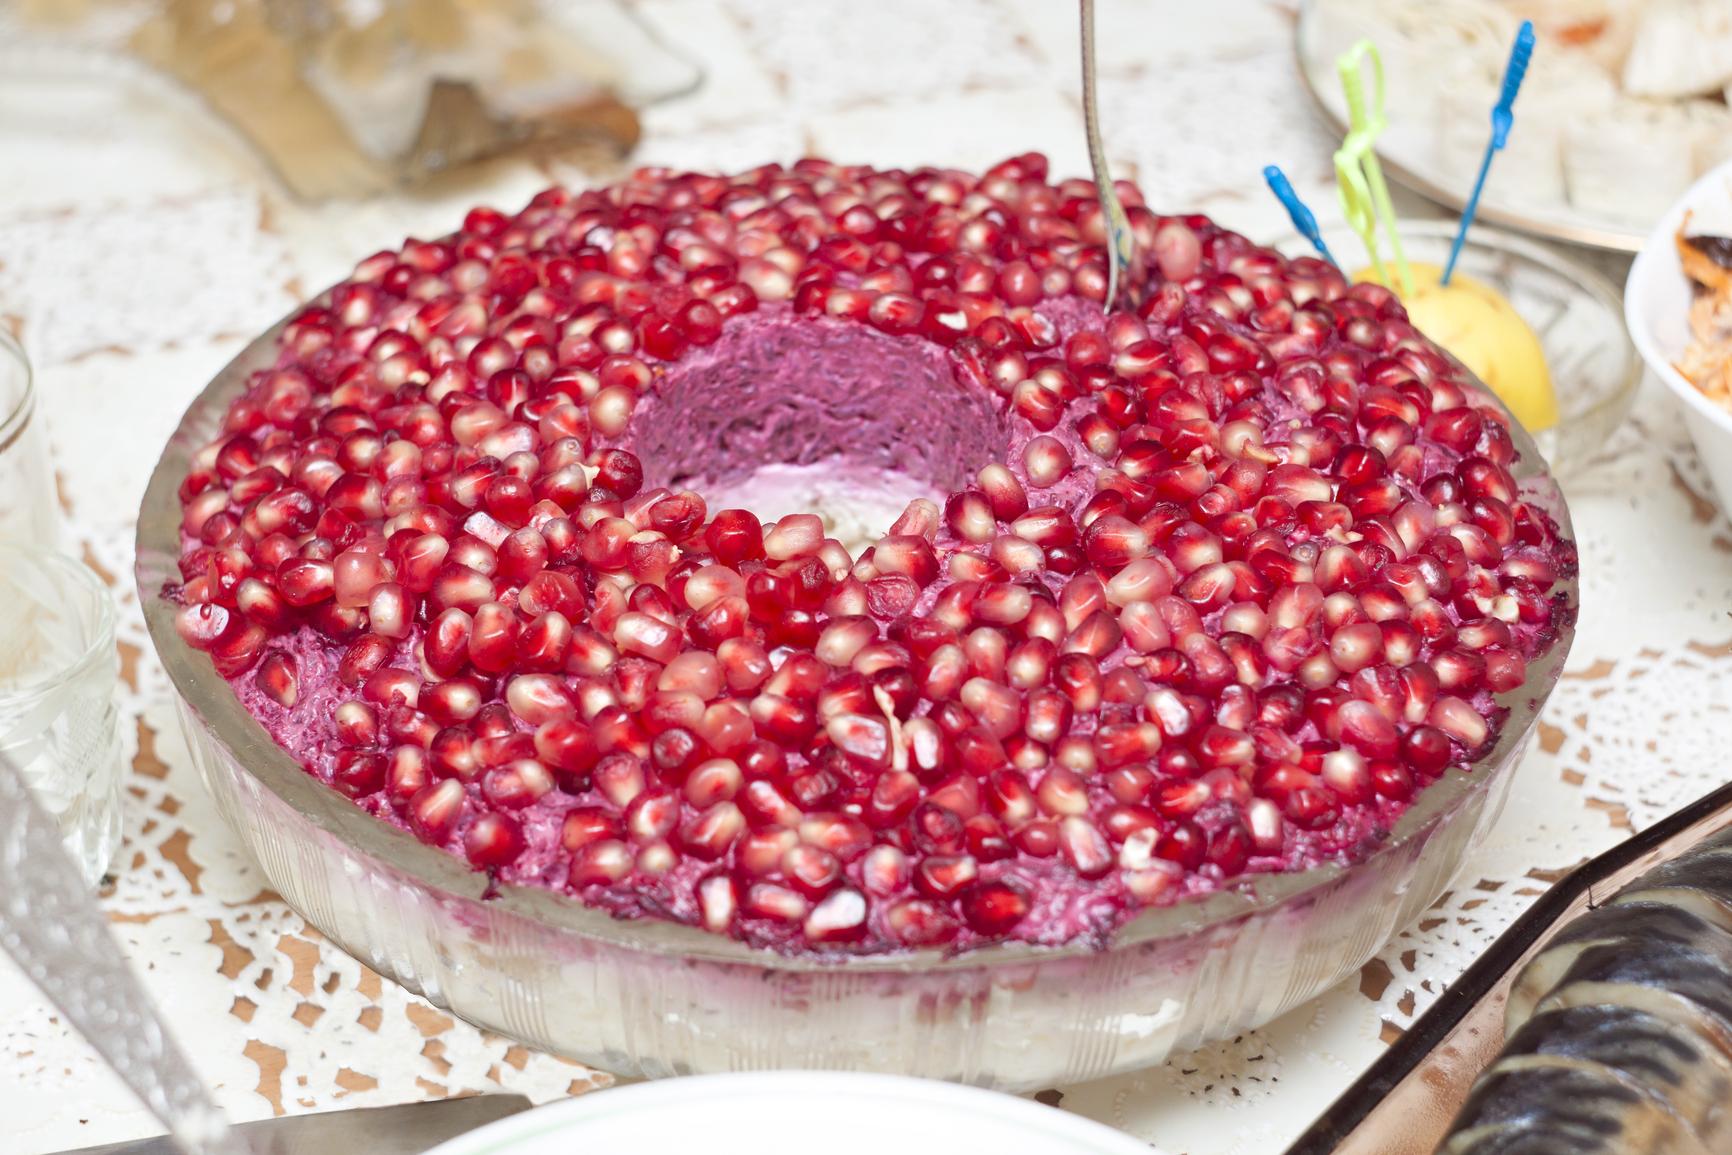 Гранатовый браслет салат рецепт с черносливом